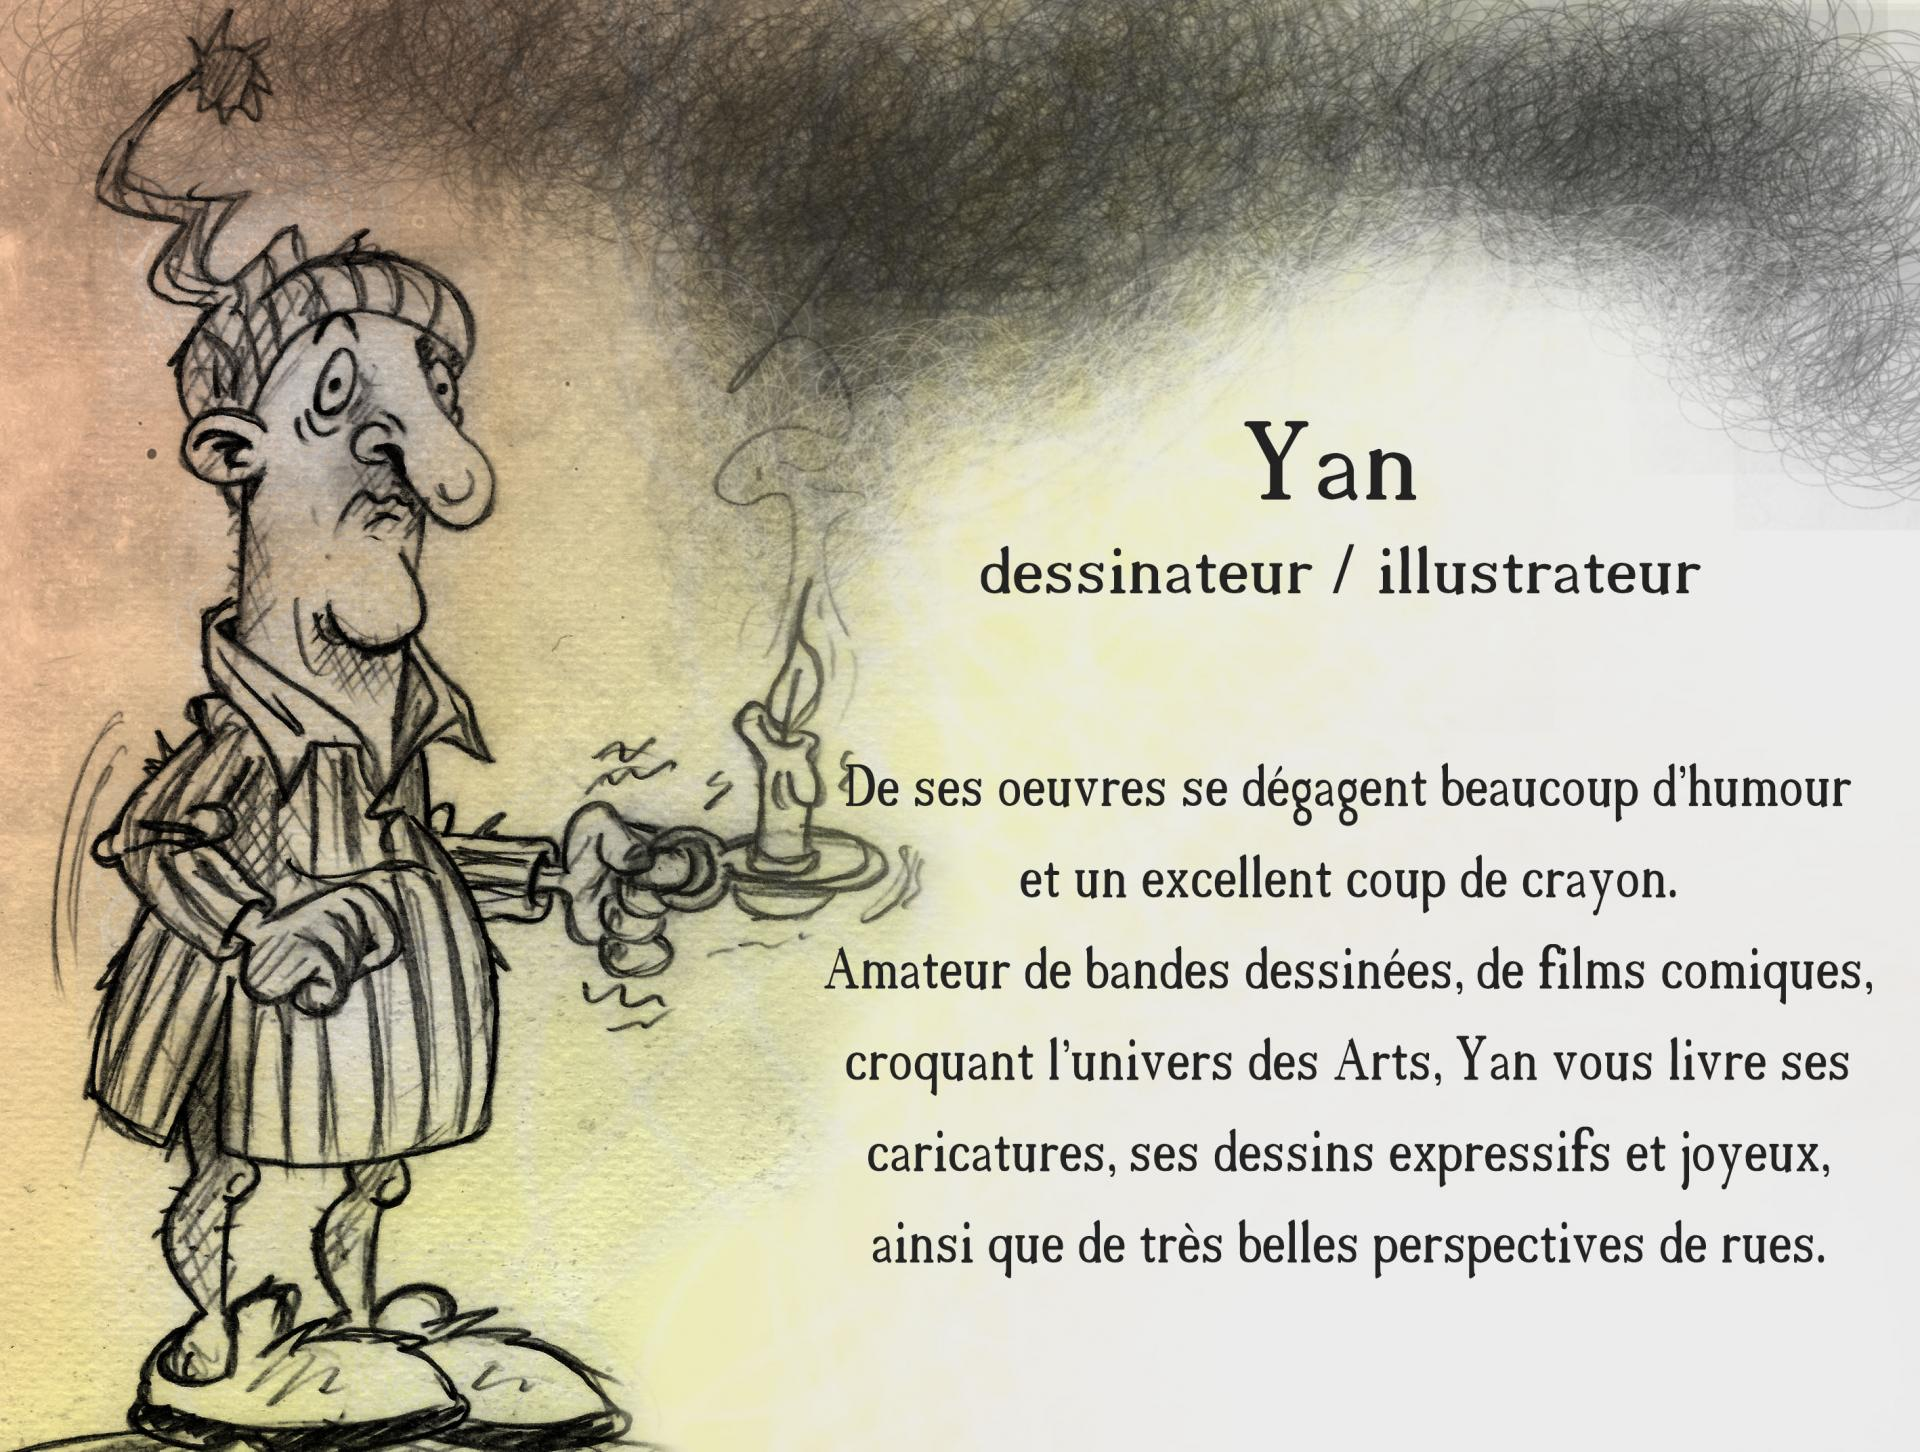 Les dessins de Yan